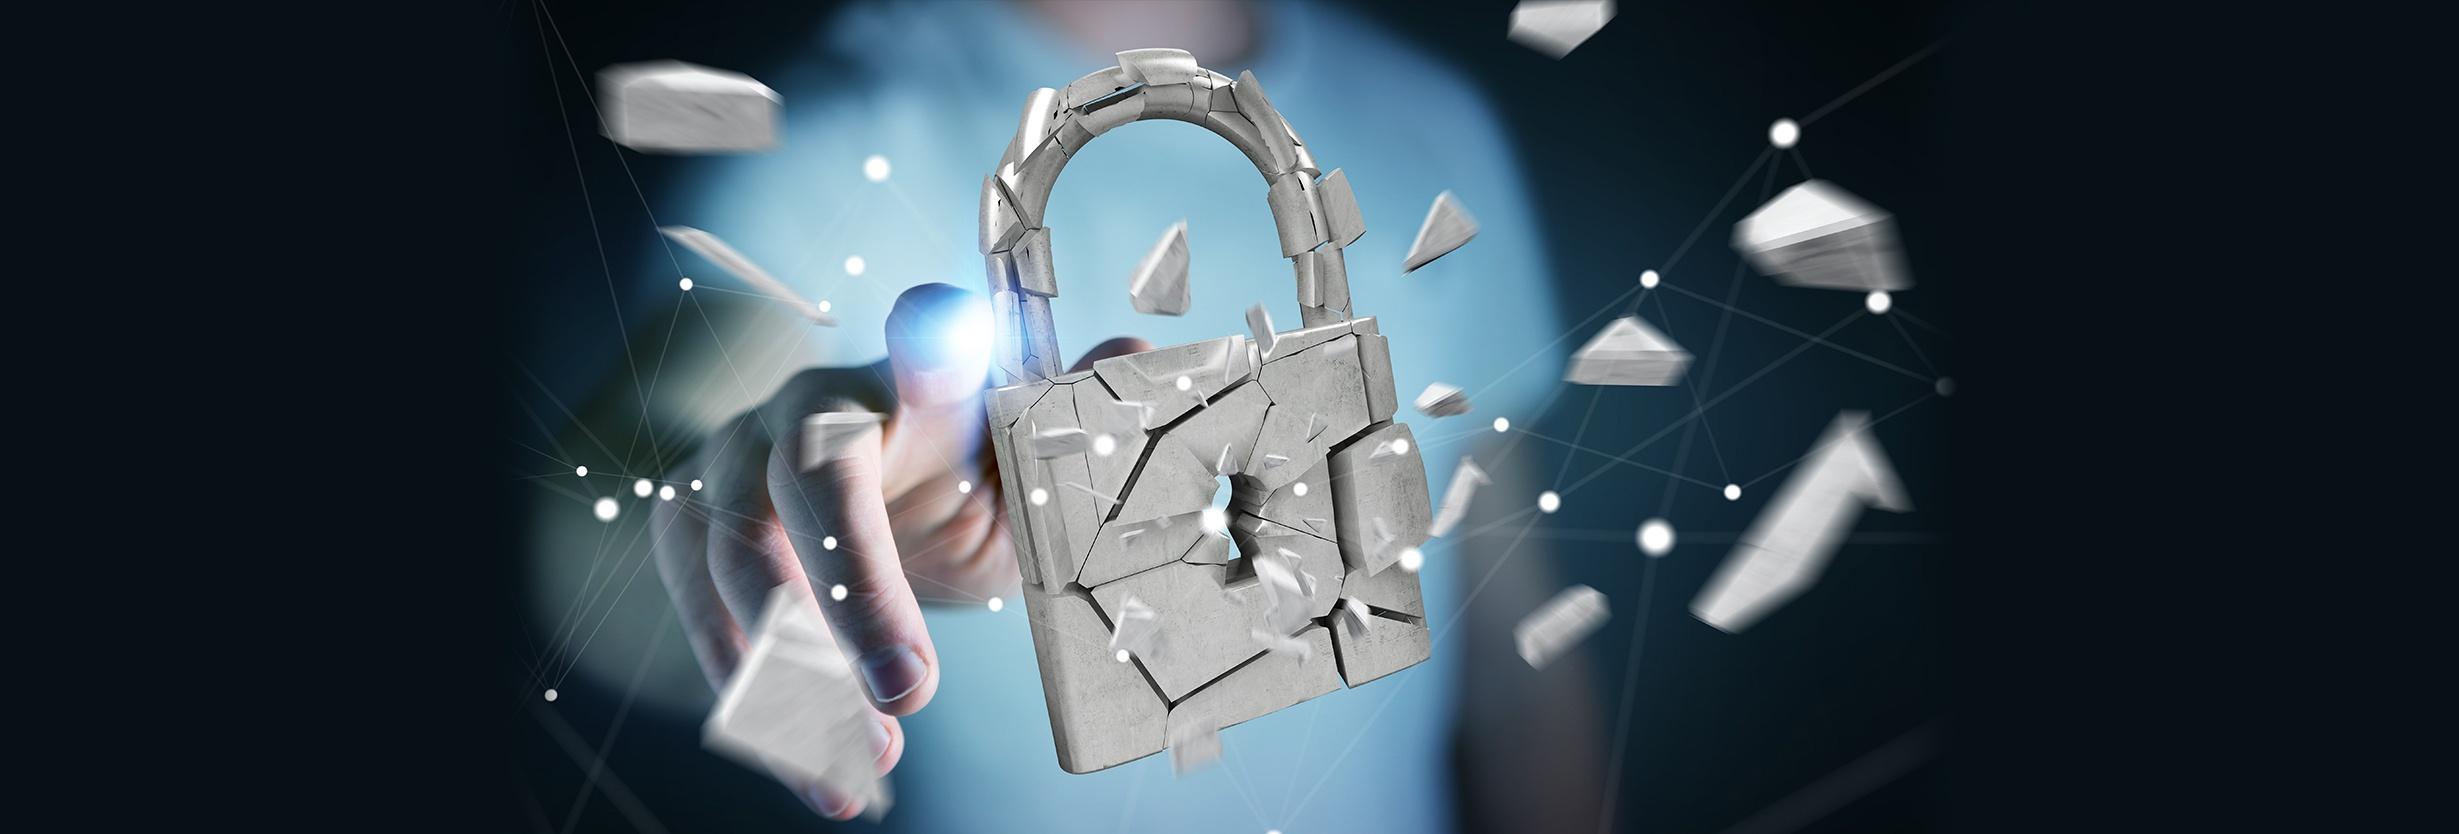 次の大企業のセキュリティ侵害に対するパッチ管理の教訓